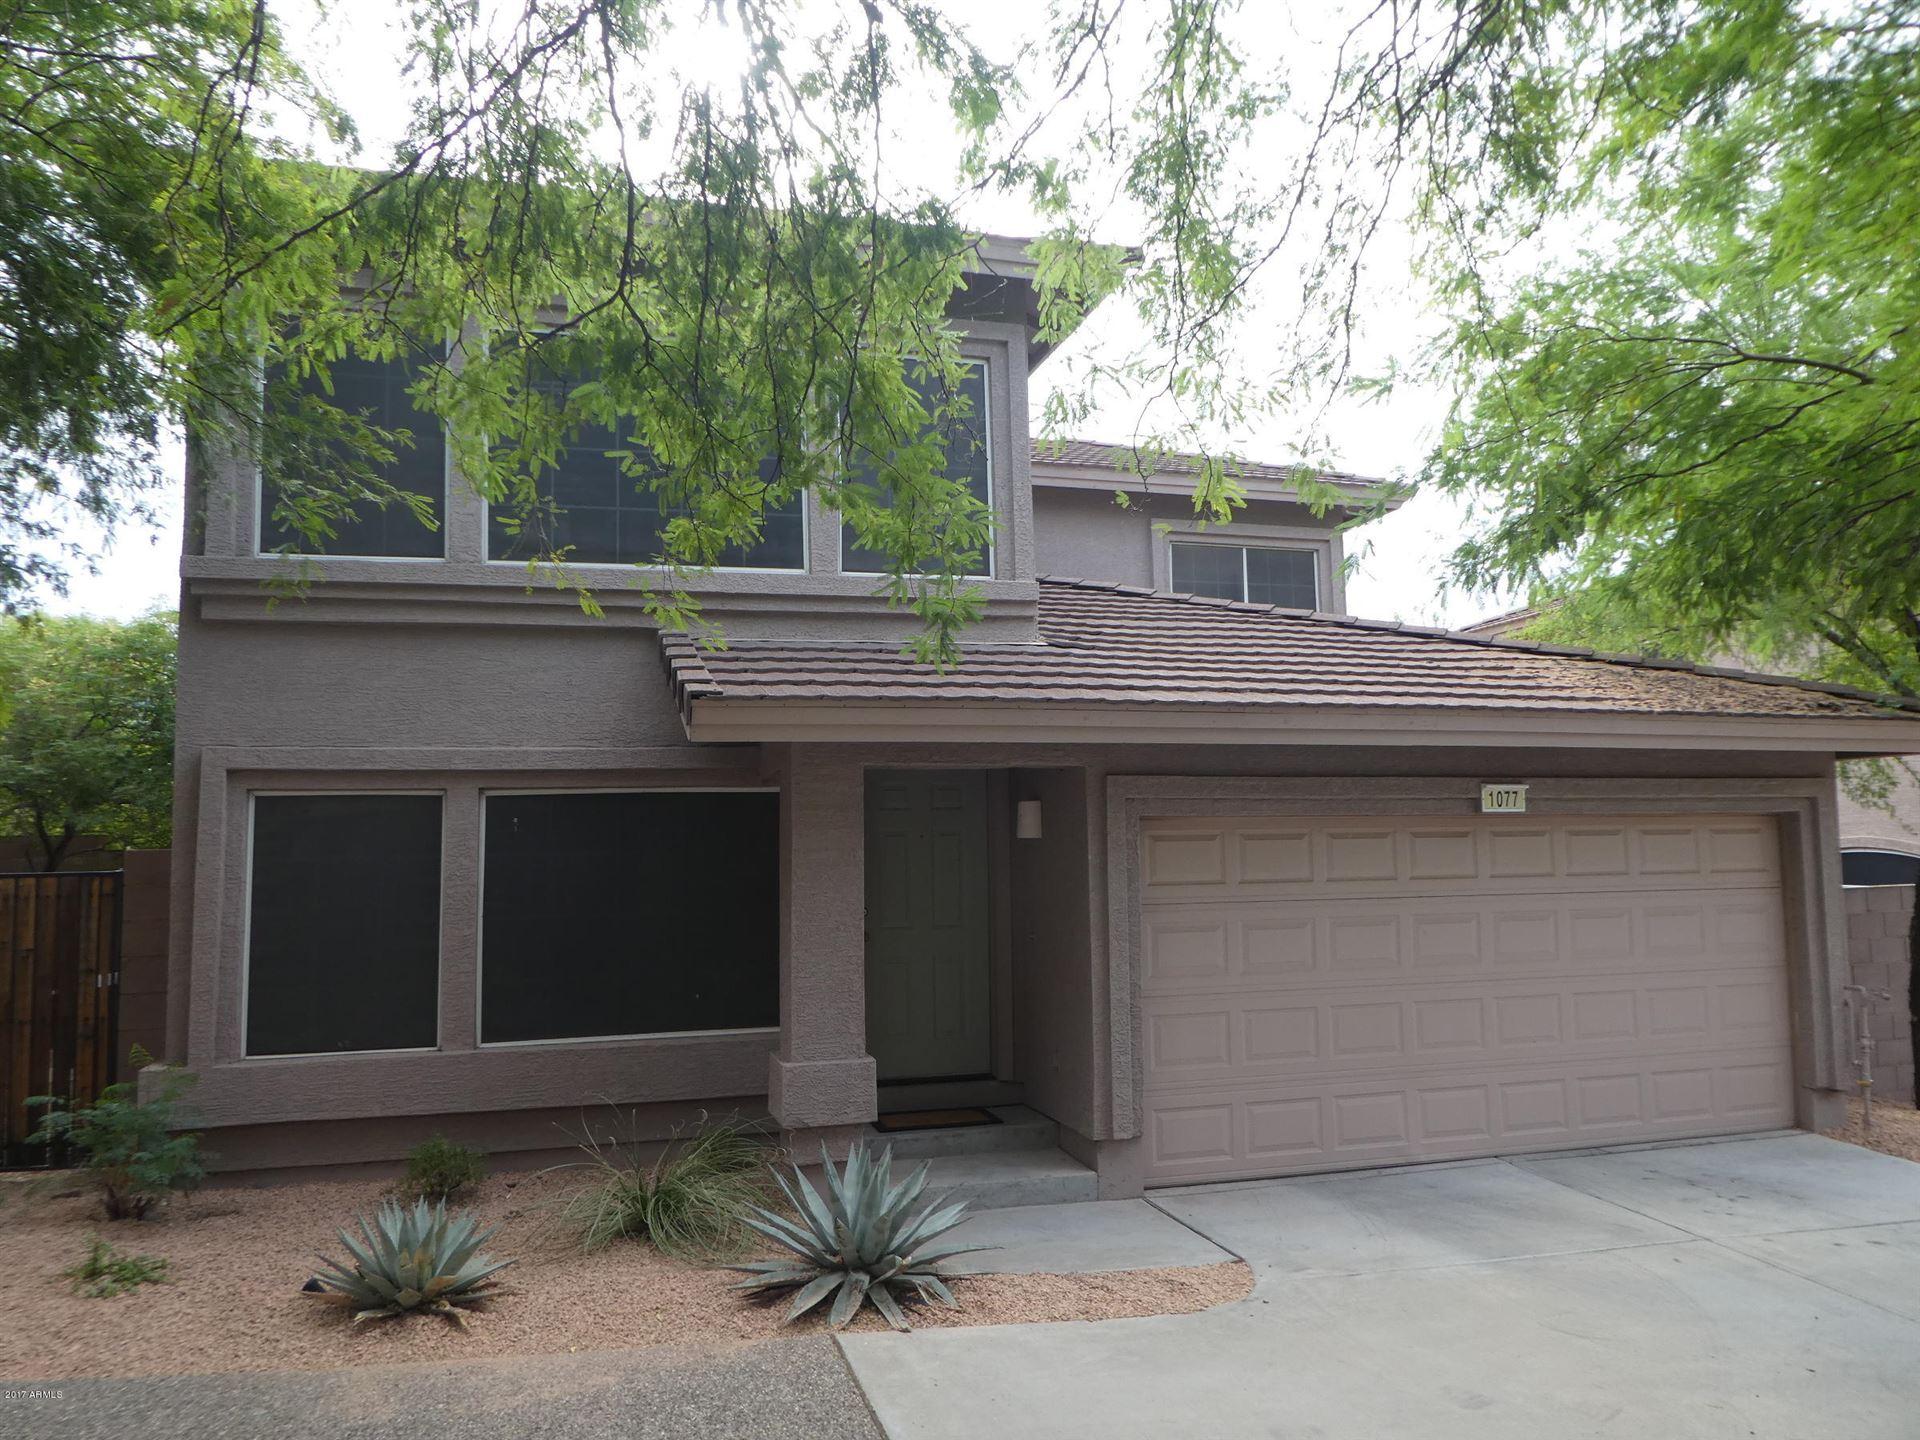 Photo of 7650 E WILLIAMS Drive #1077, Scottsdale, AZ 85255 (MLS # 6249711)